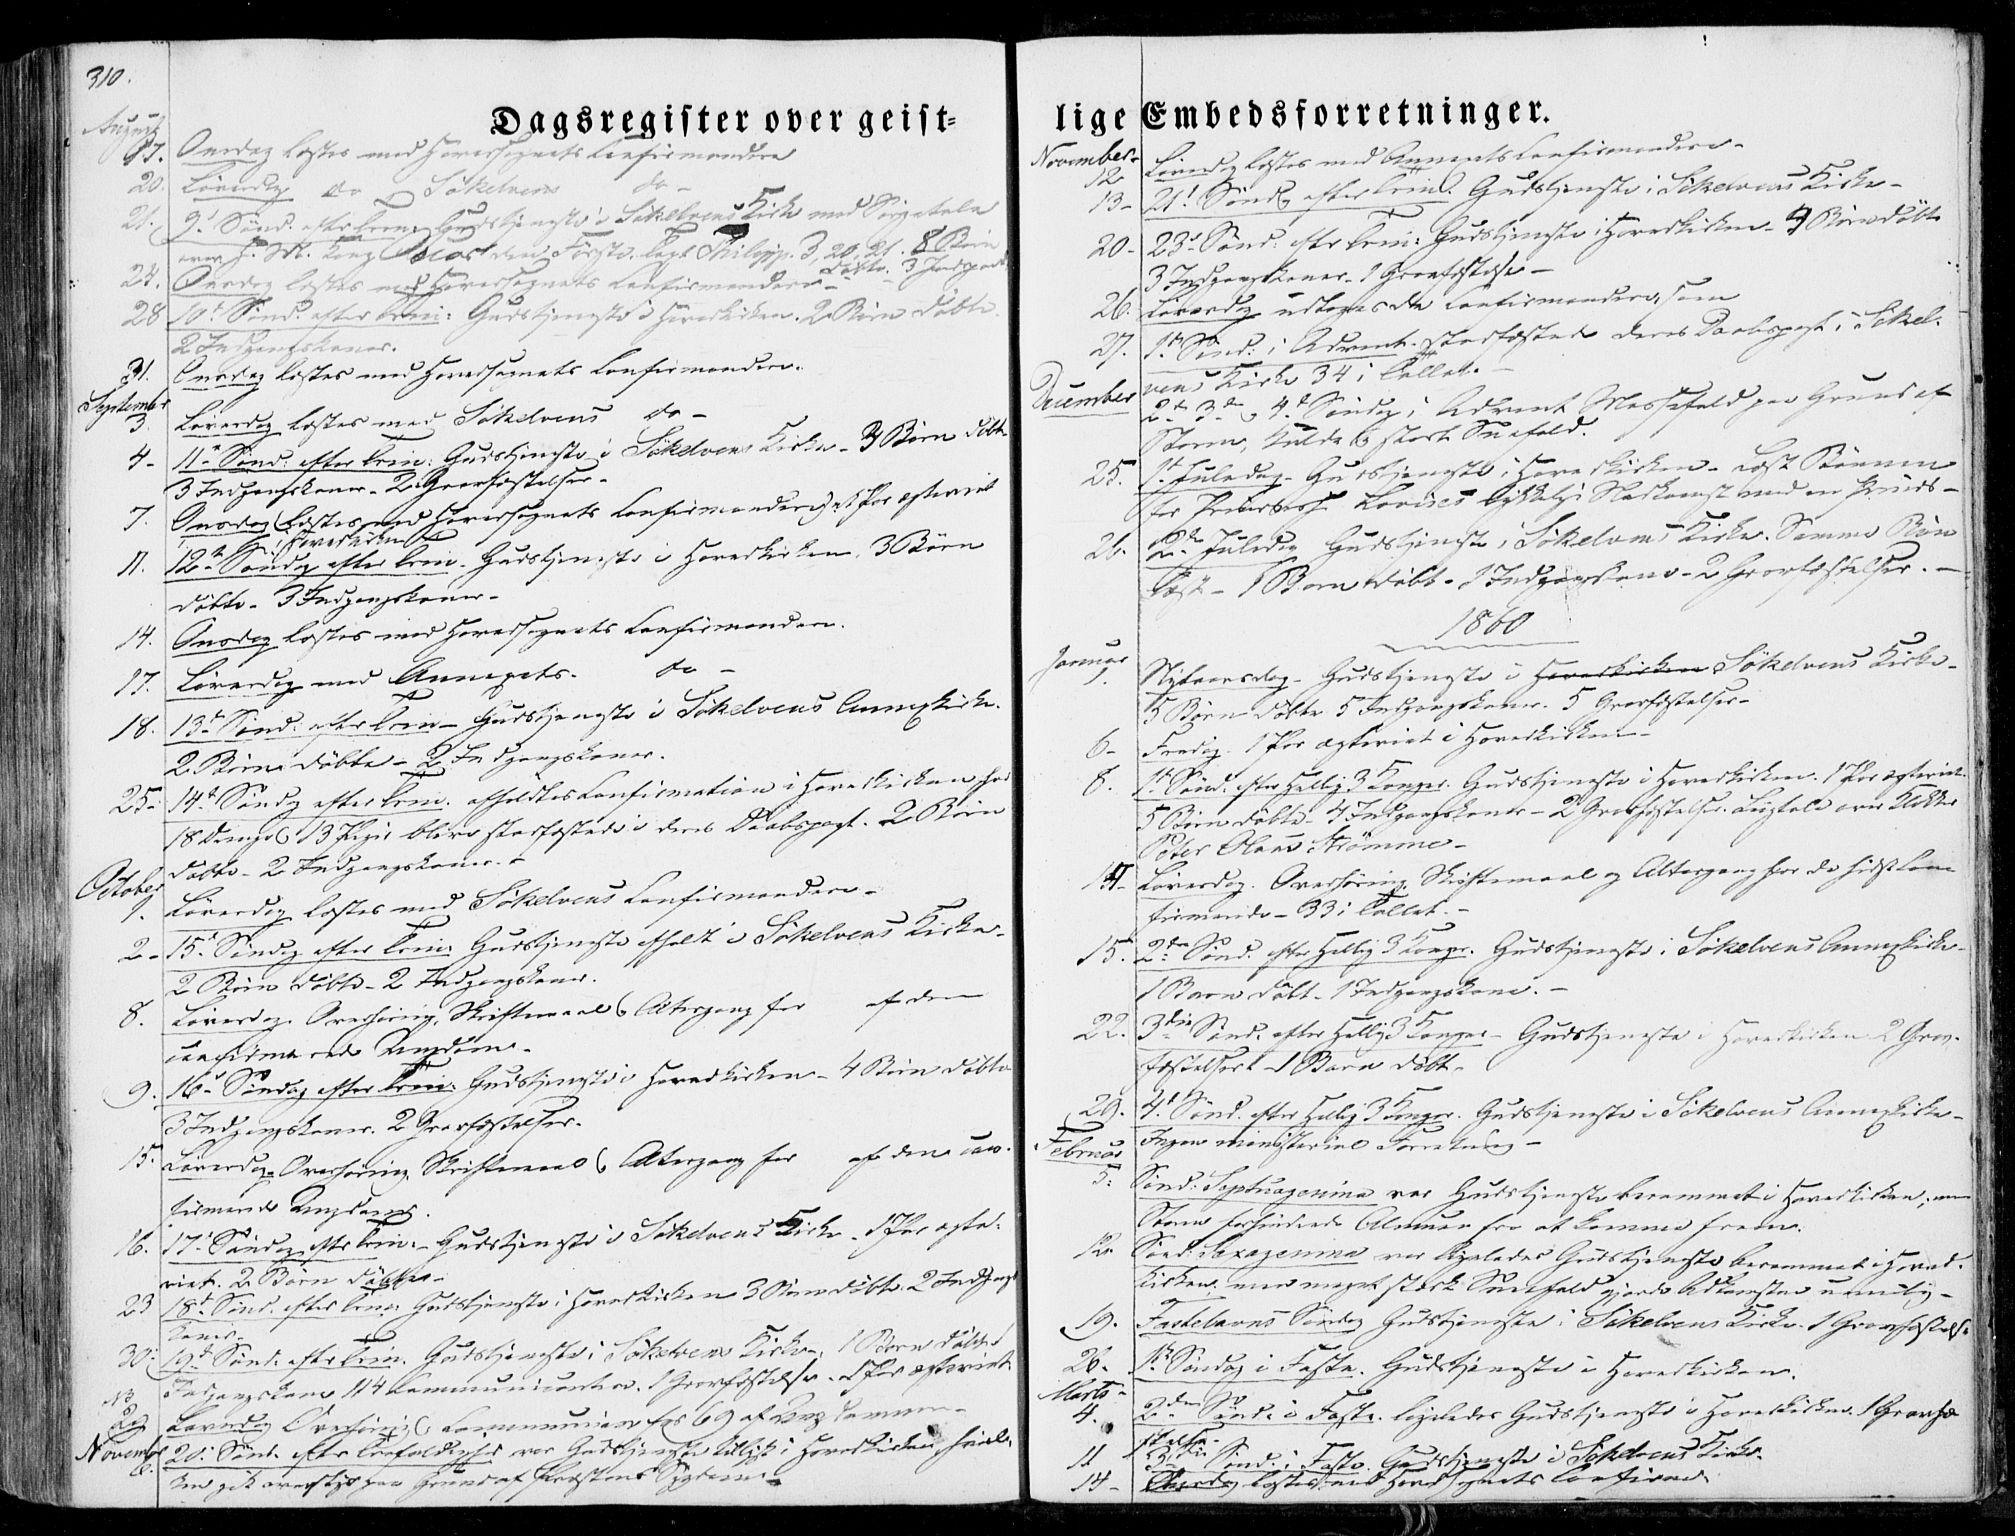 SAT, Ministerialprotokoller, klokkerbøker og fødselsregistre - Møre og Romsdal, 522/L0313: Ministerialbok nr. 522A08, 1852-1862, s. 310